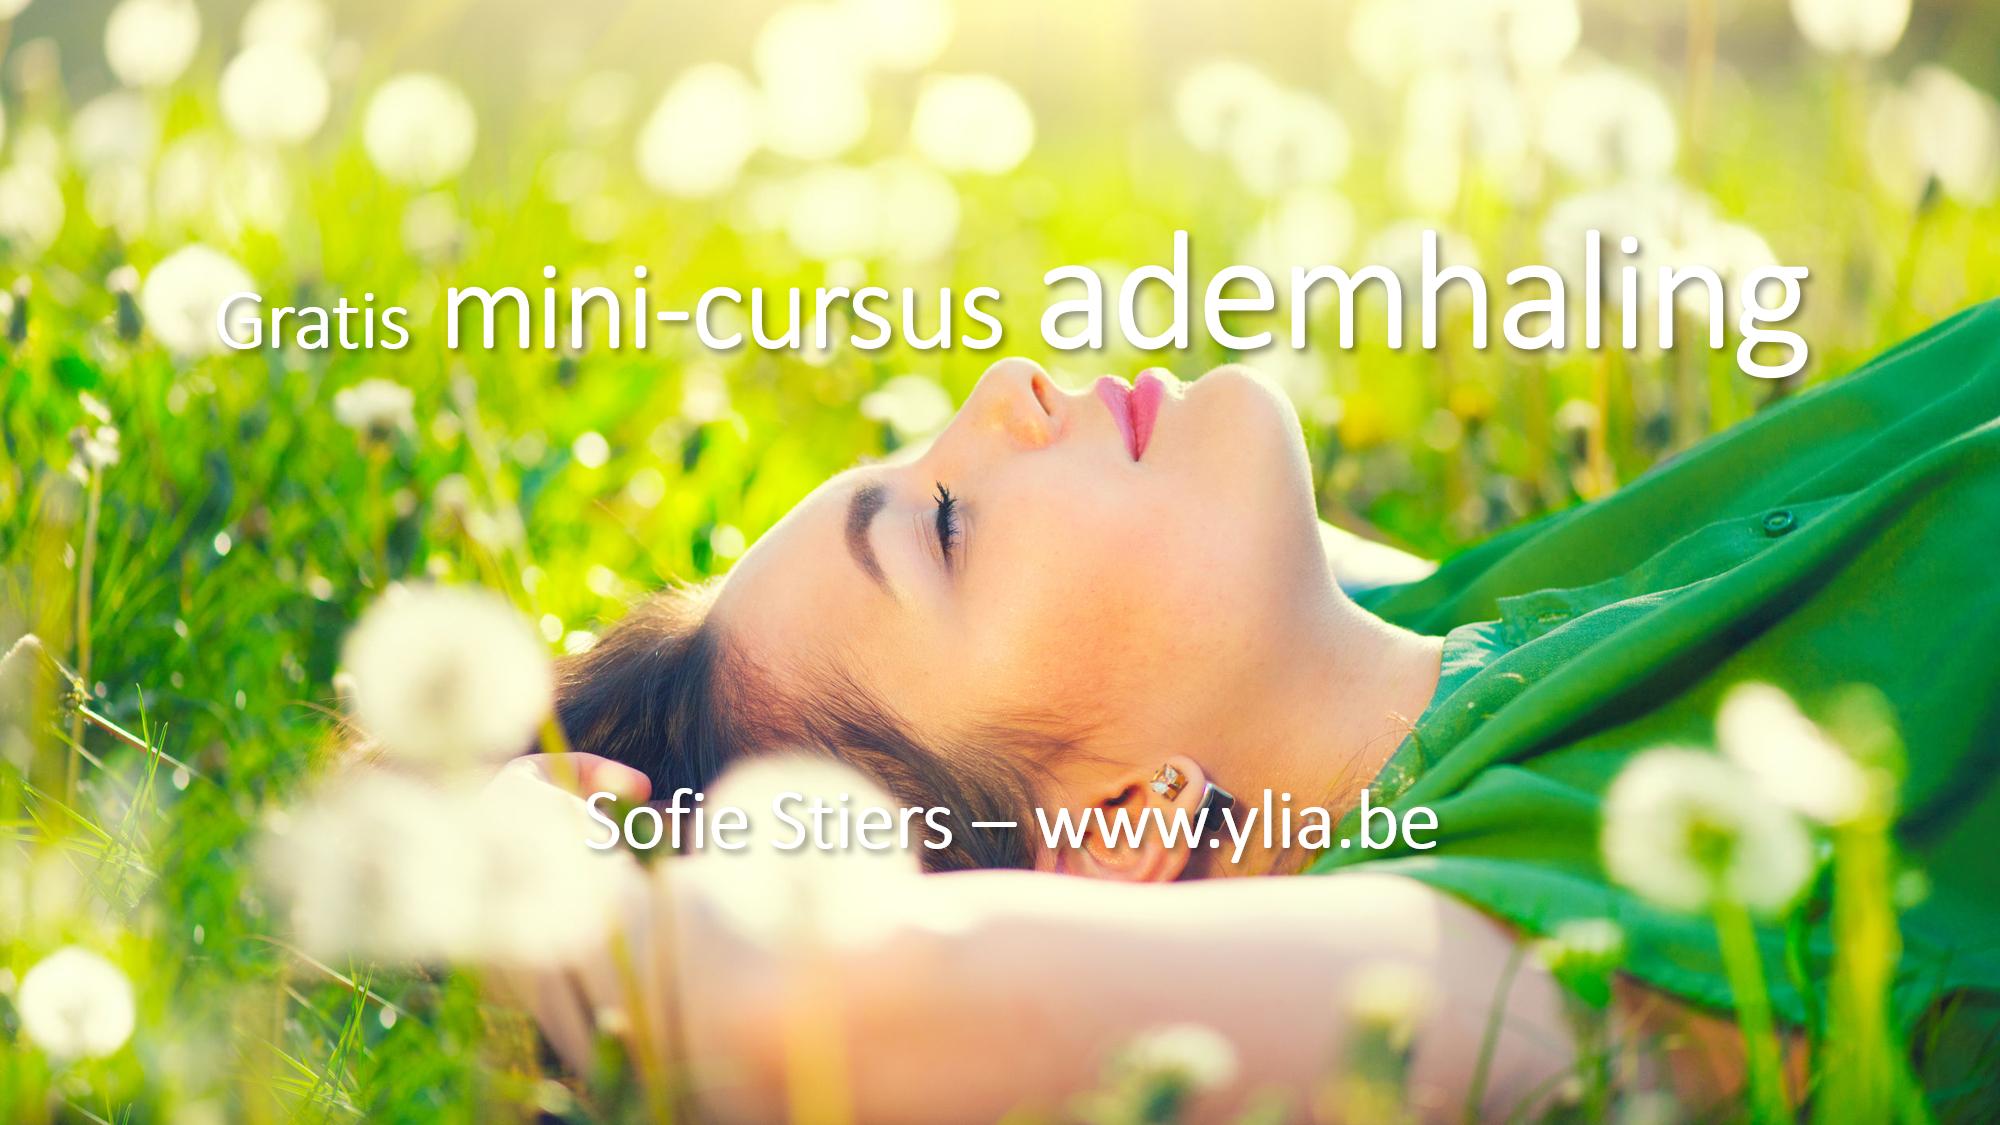 gratis mini cursus ademhaling